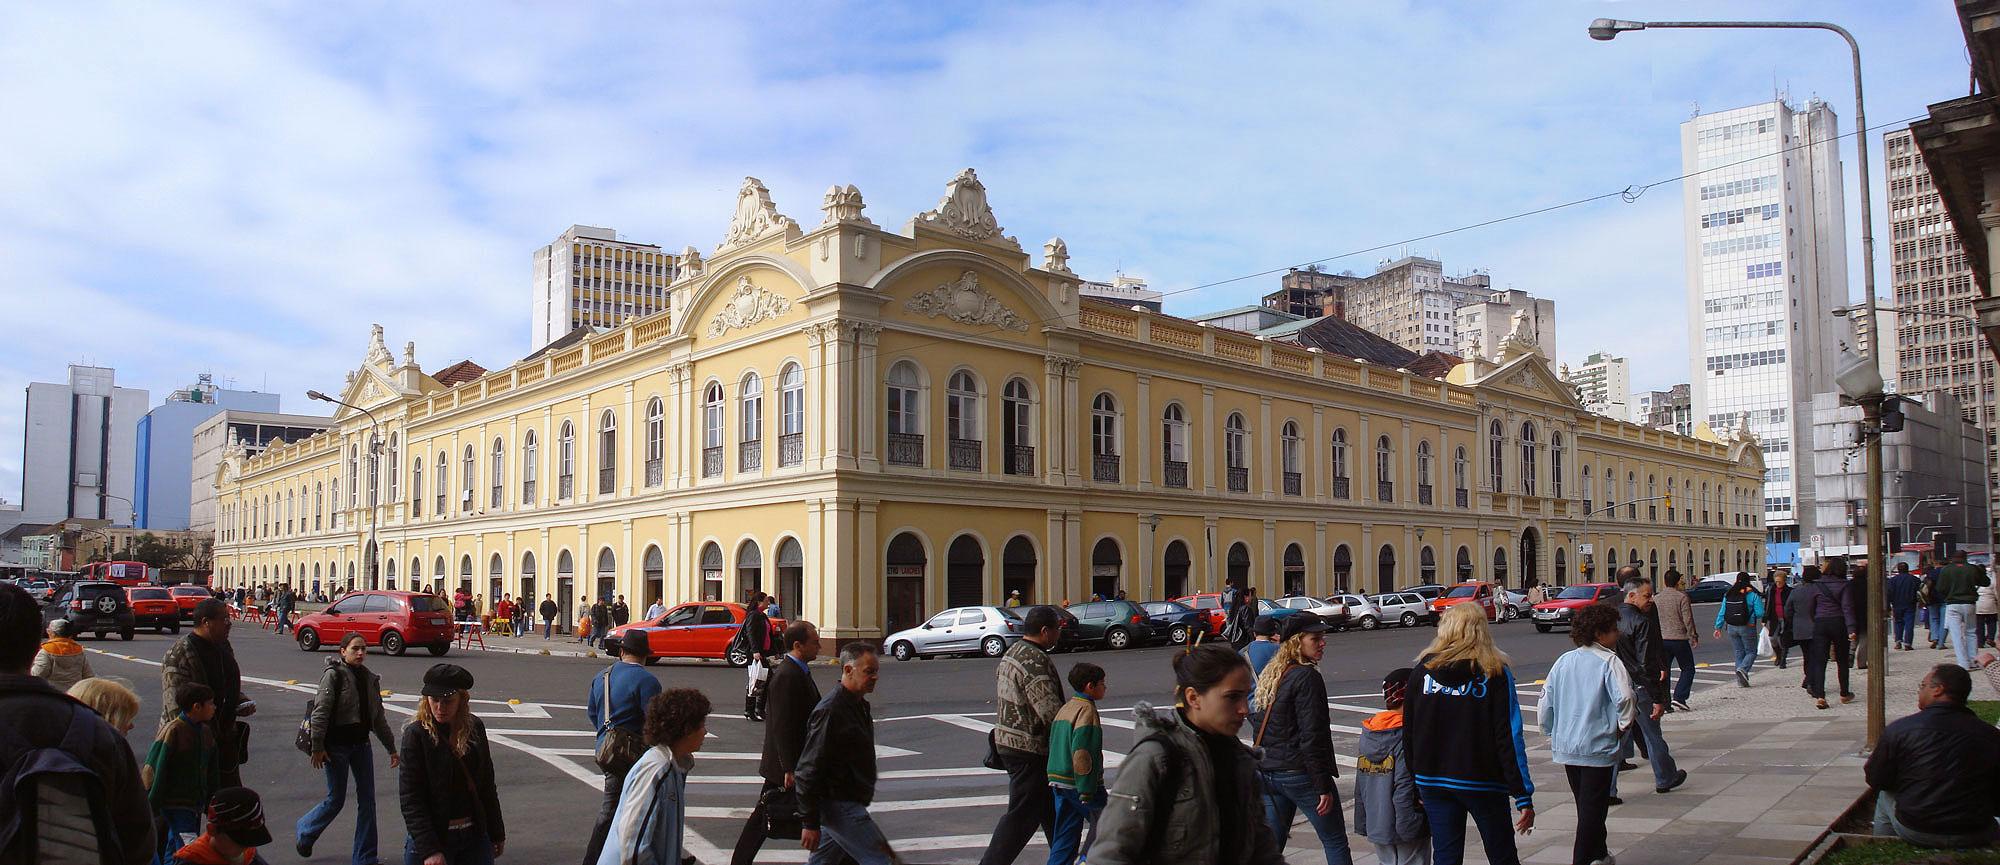 Mercado público de porto alegre.jpg